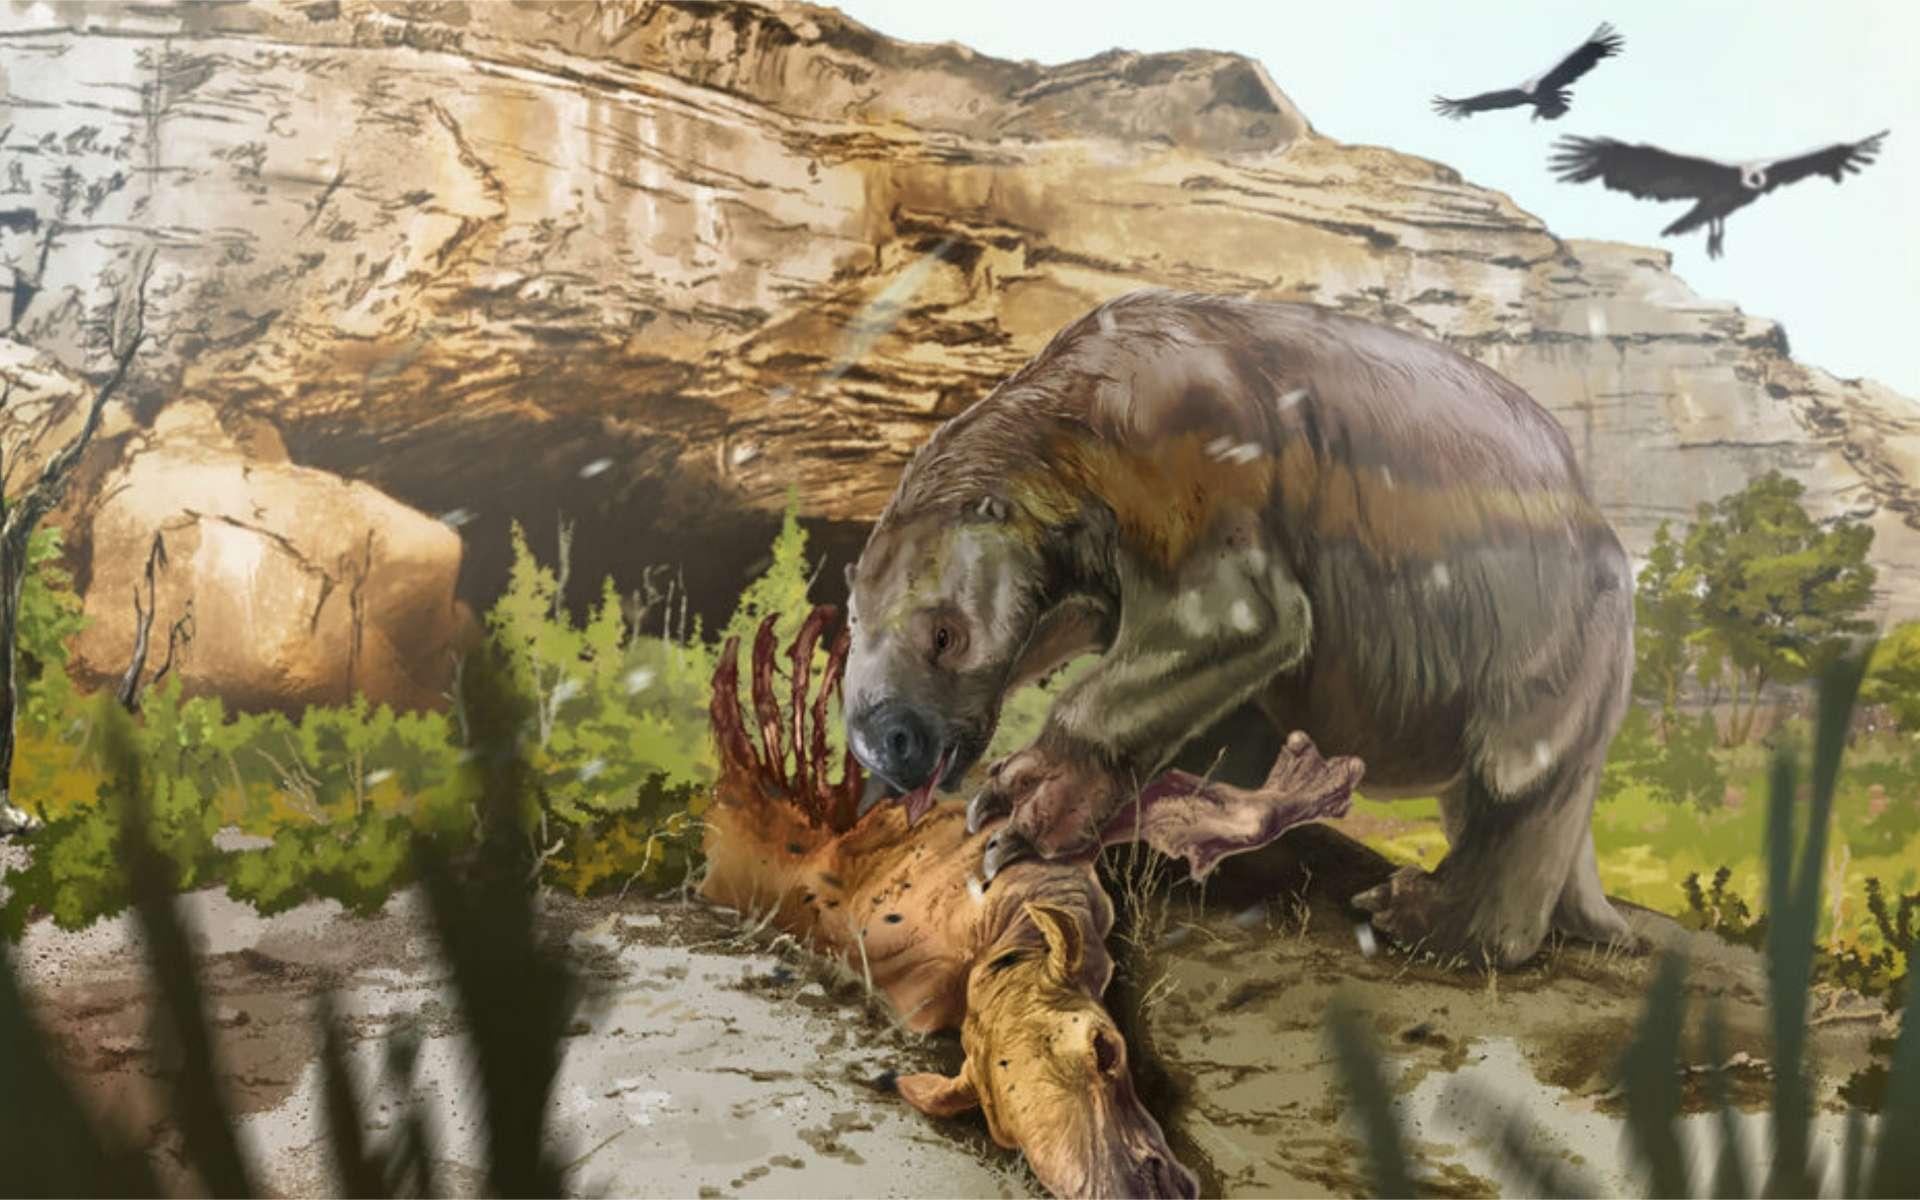 Le paresseux terrestre géant Mylodon darwini pratiquait une activité de charognage il y a près de 12.000 ans. © Jorge Blanco